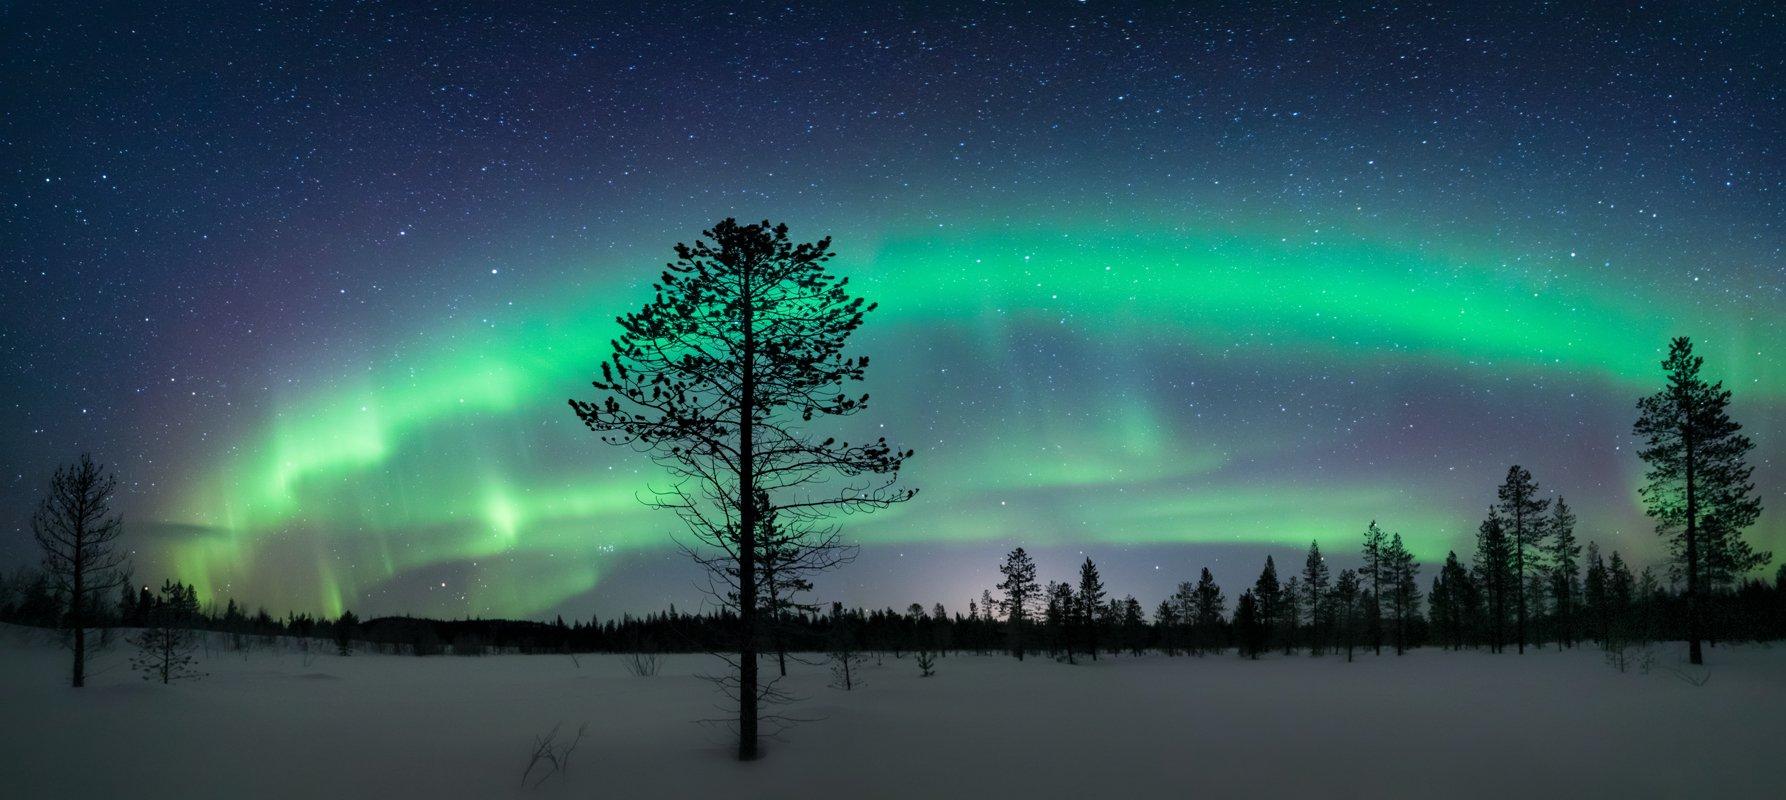 северное сияние,север,териберка,мурманск,ночь,звезды,лес,снег,зима,аврора,фототур,россия, Elena Pakhalyuk